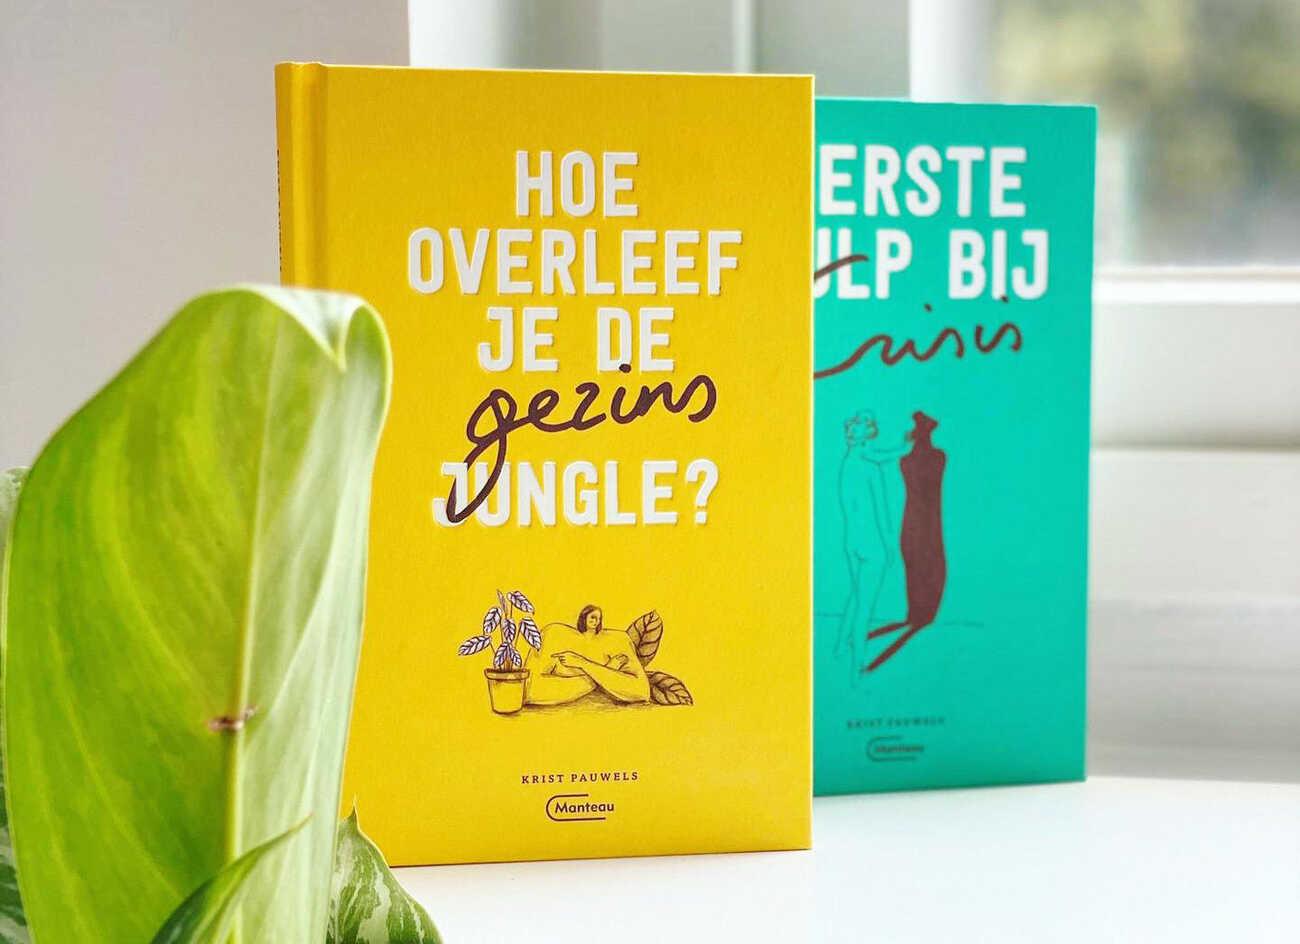 Veel leesplezier met de twee nieuwe boeken van Krist Pauwels